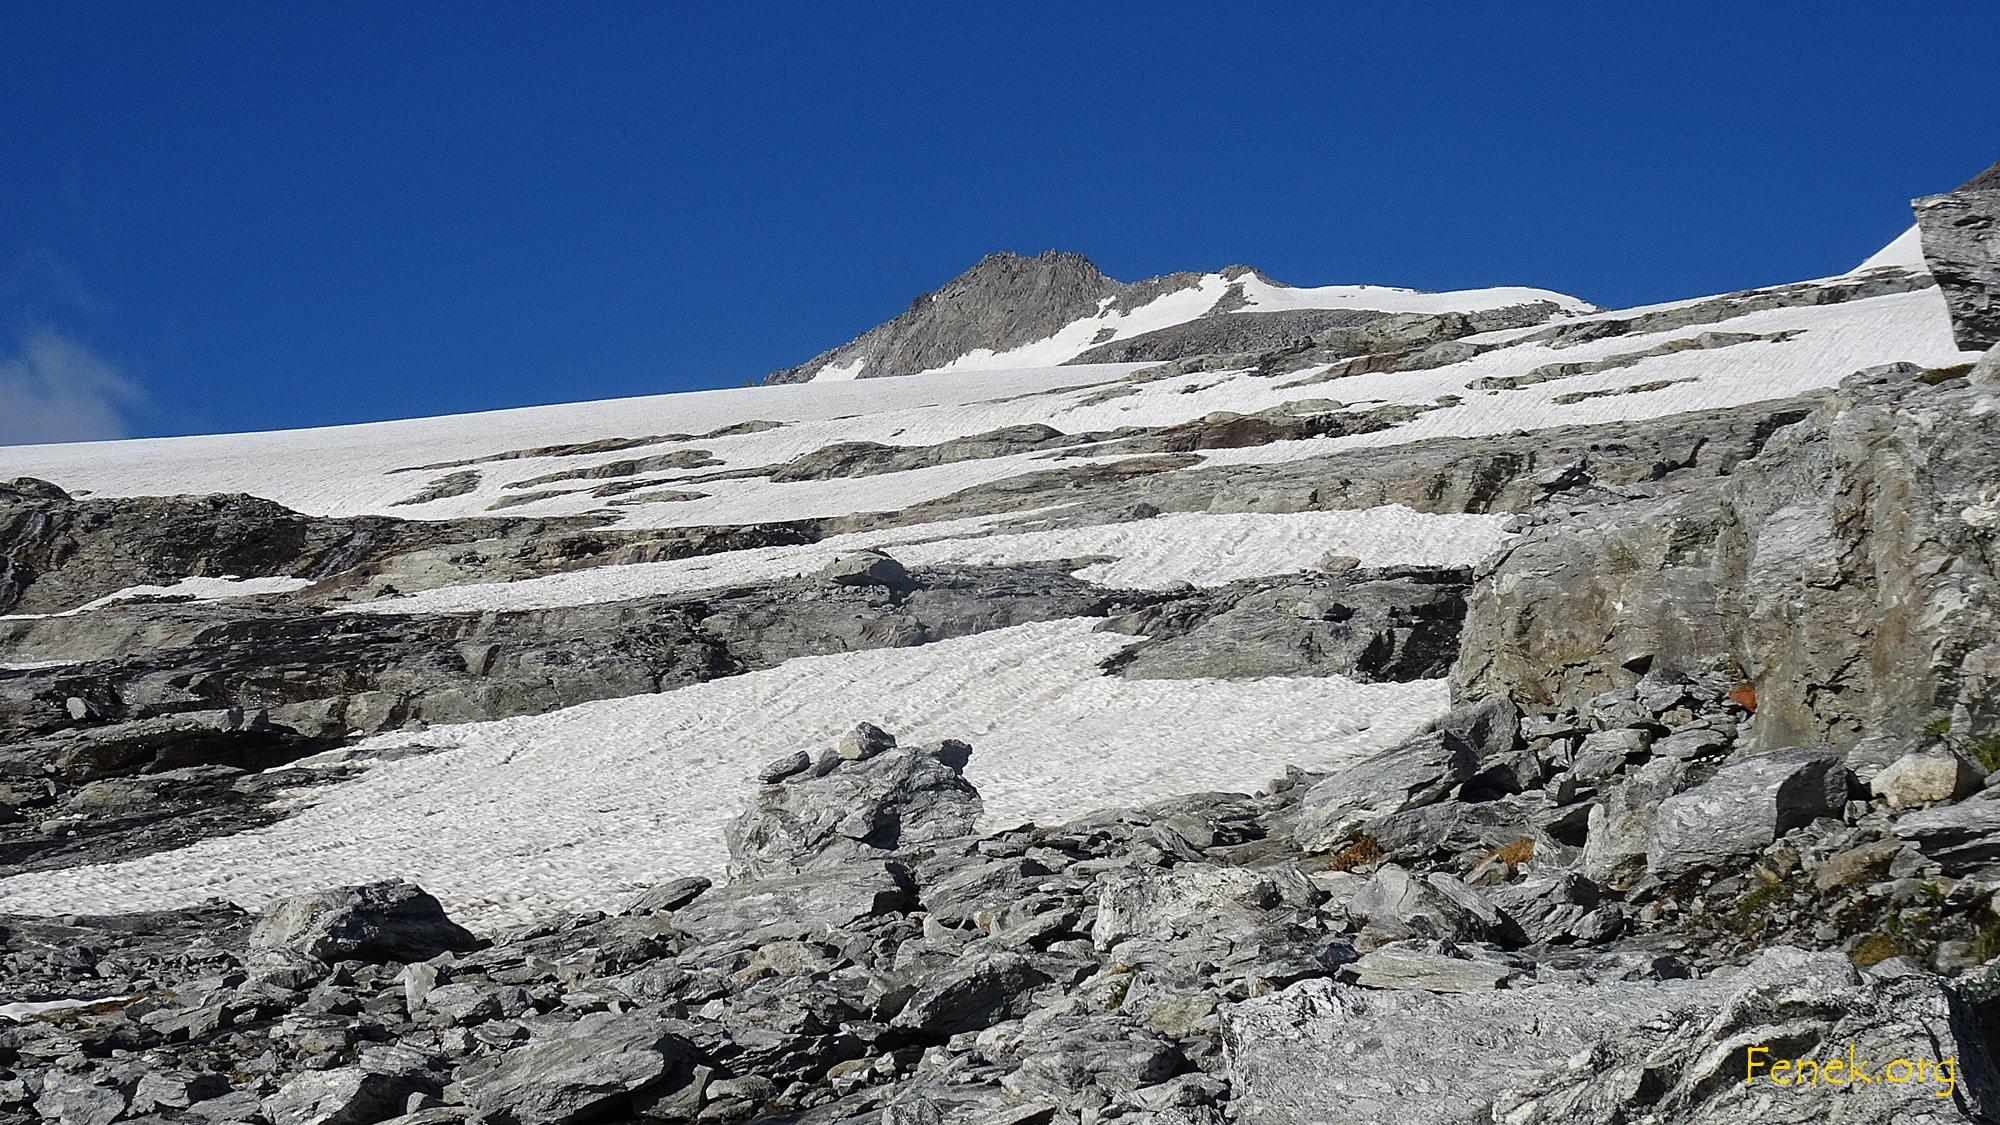 bei den Platten und Stufen - über uns der Gipfel